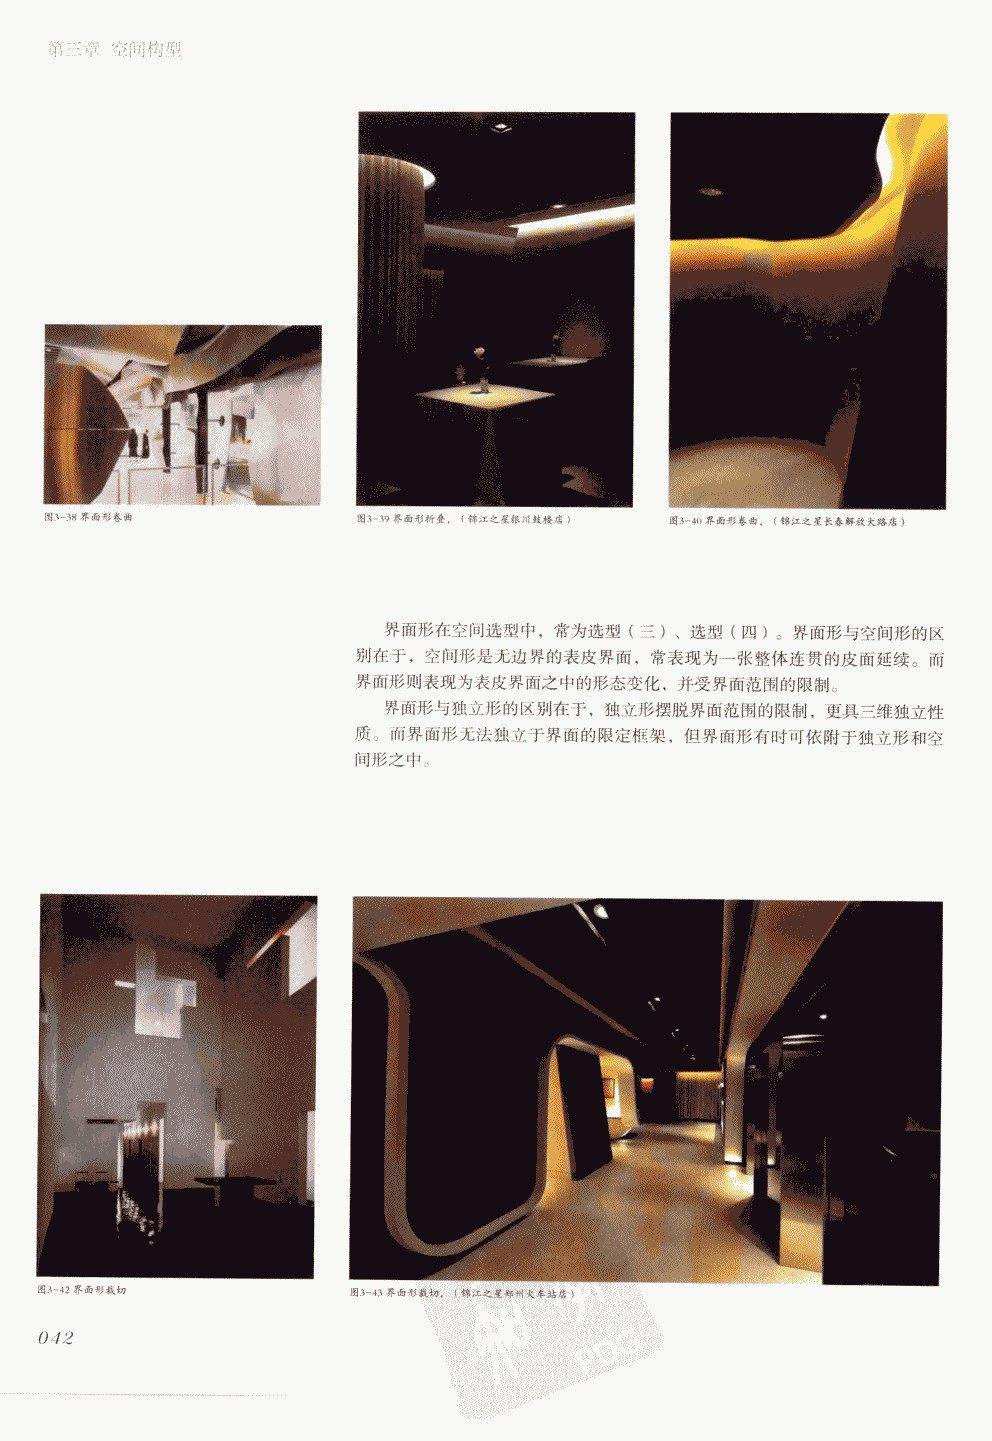 室内设计纲要++概念思考与过程表达_室内设计纲要  概念思考与过程表达_1297982..._页面_050.jpg